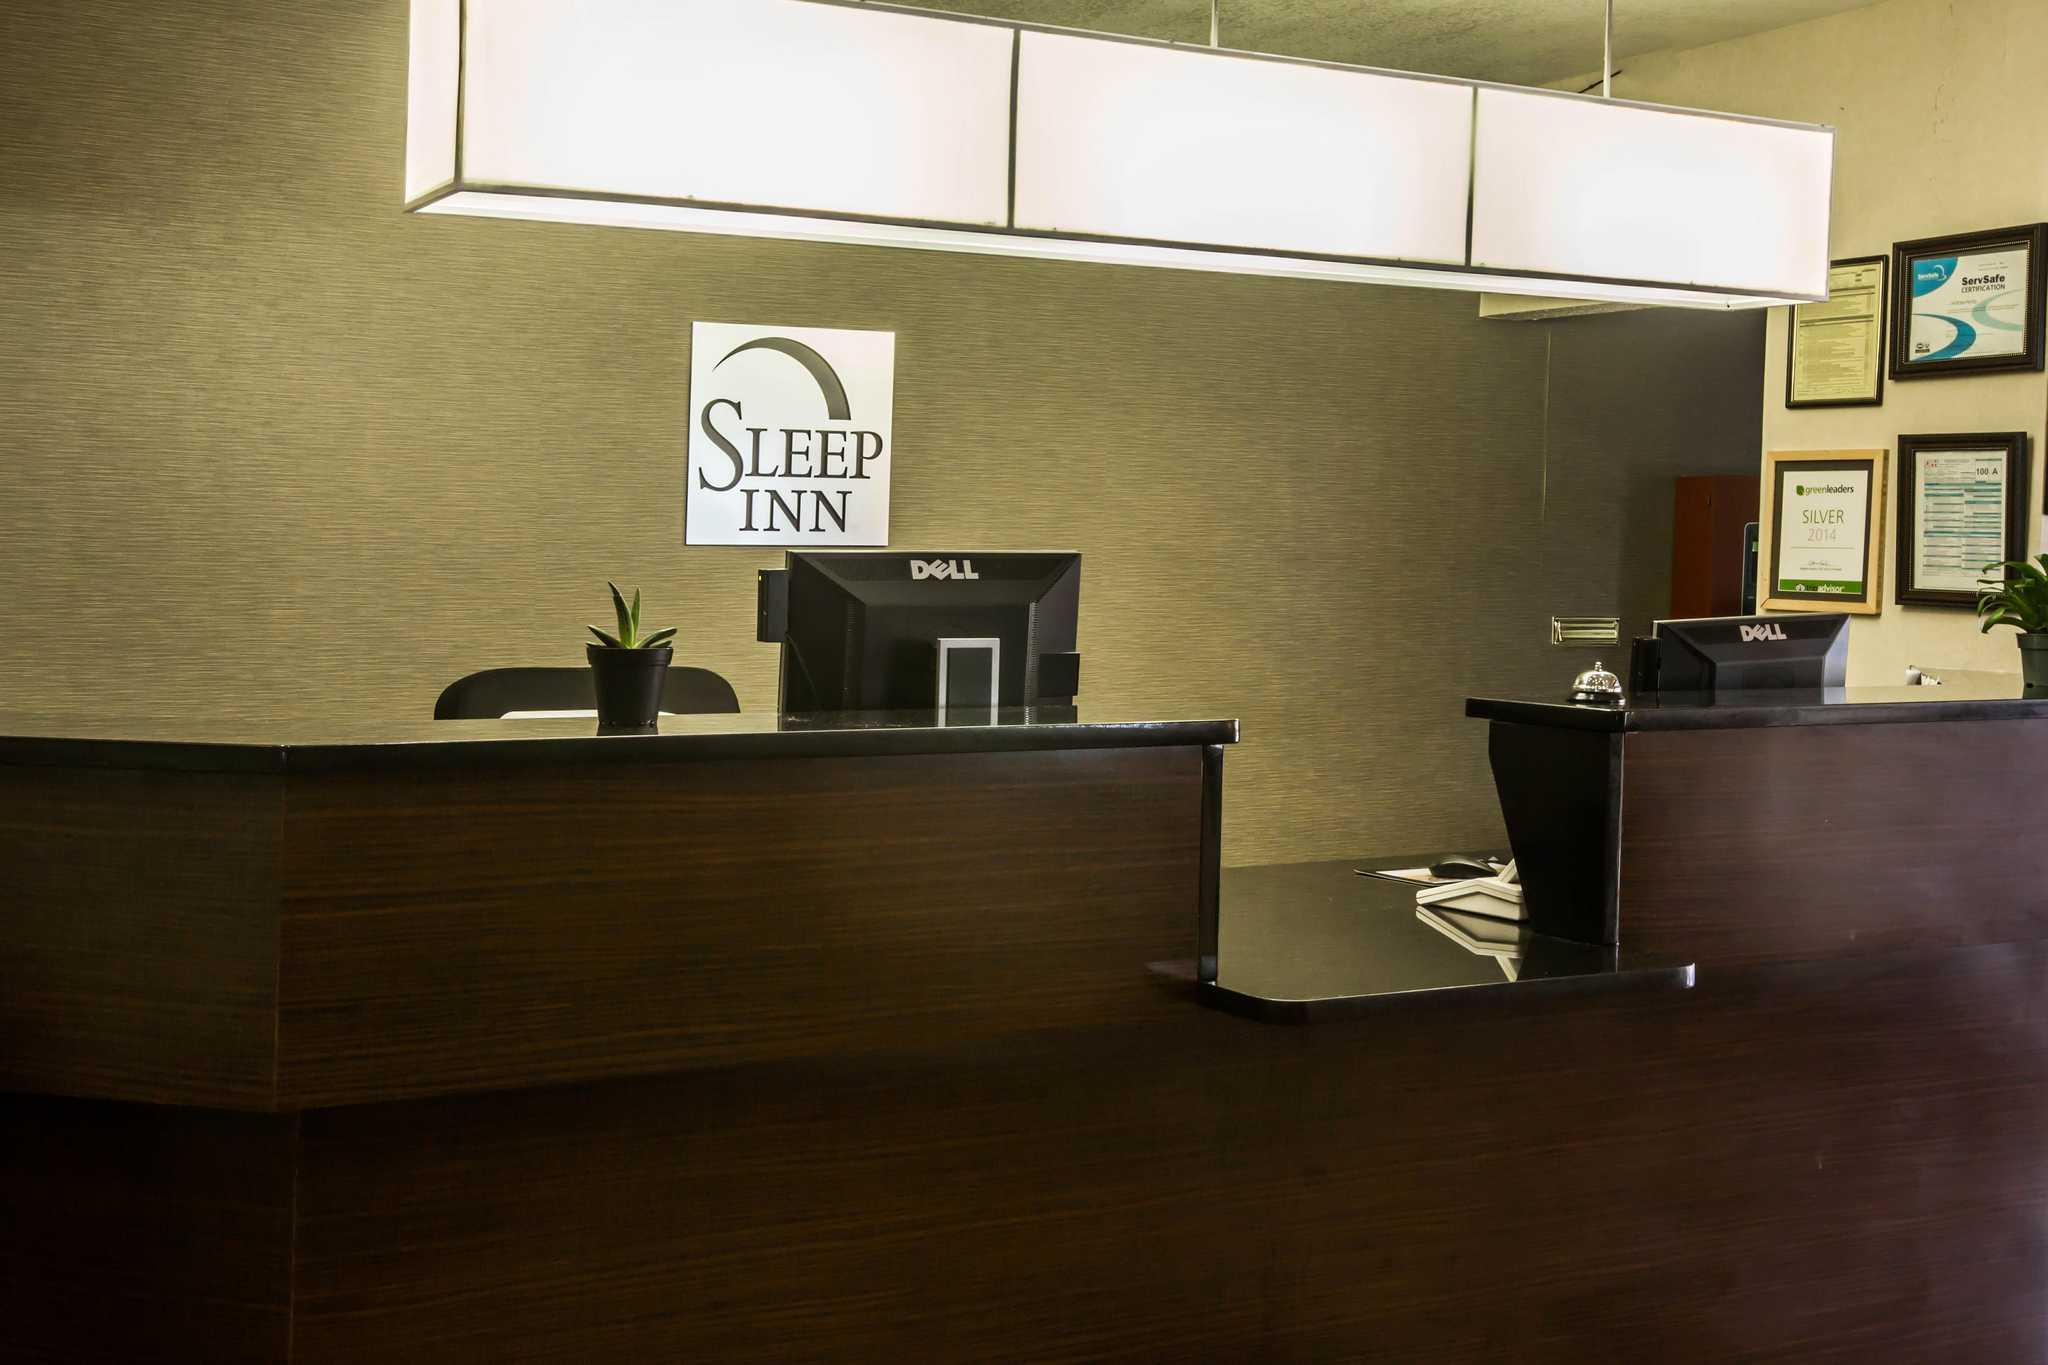 Sleep Inn North image 16